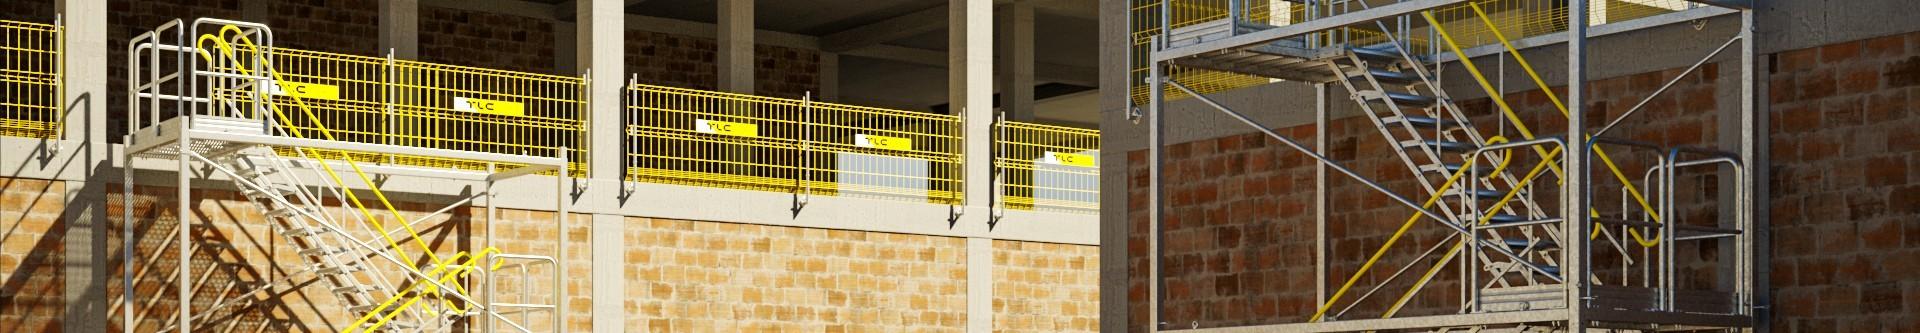 Tymczasowe schody na budowie, zewnętrzne, mobilne, modułowe - wynajem | Sklep internetowy TLC Rental